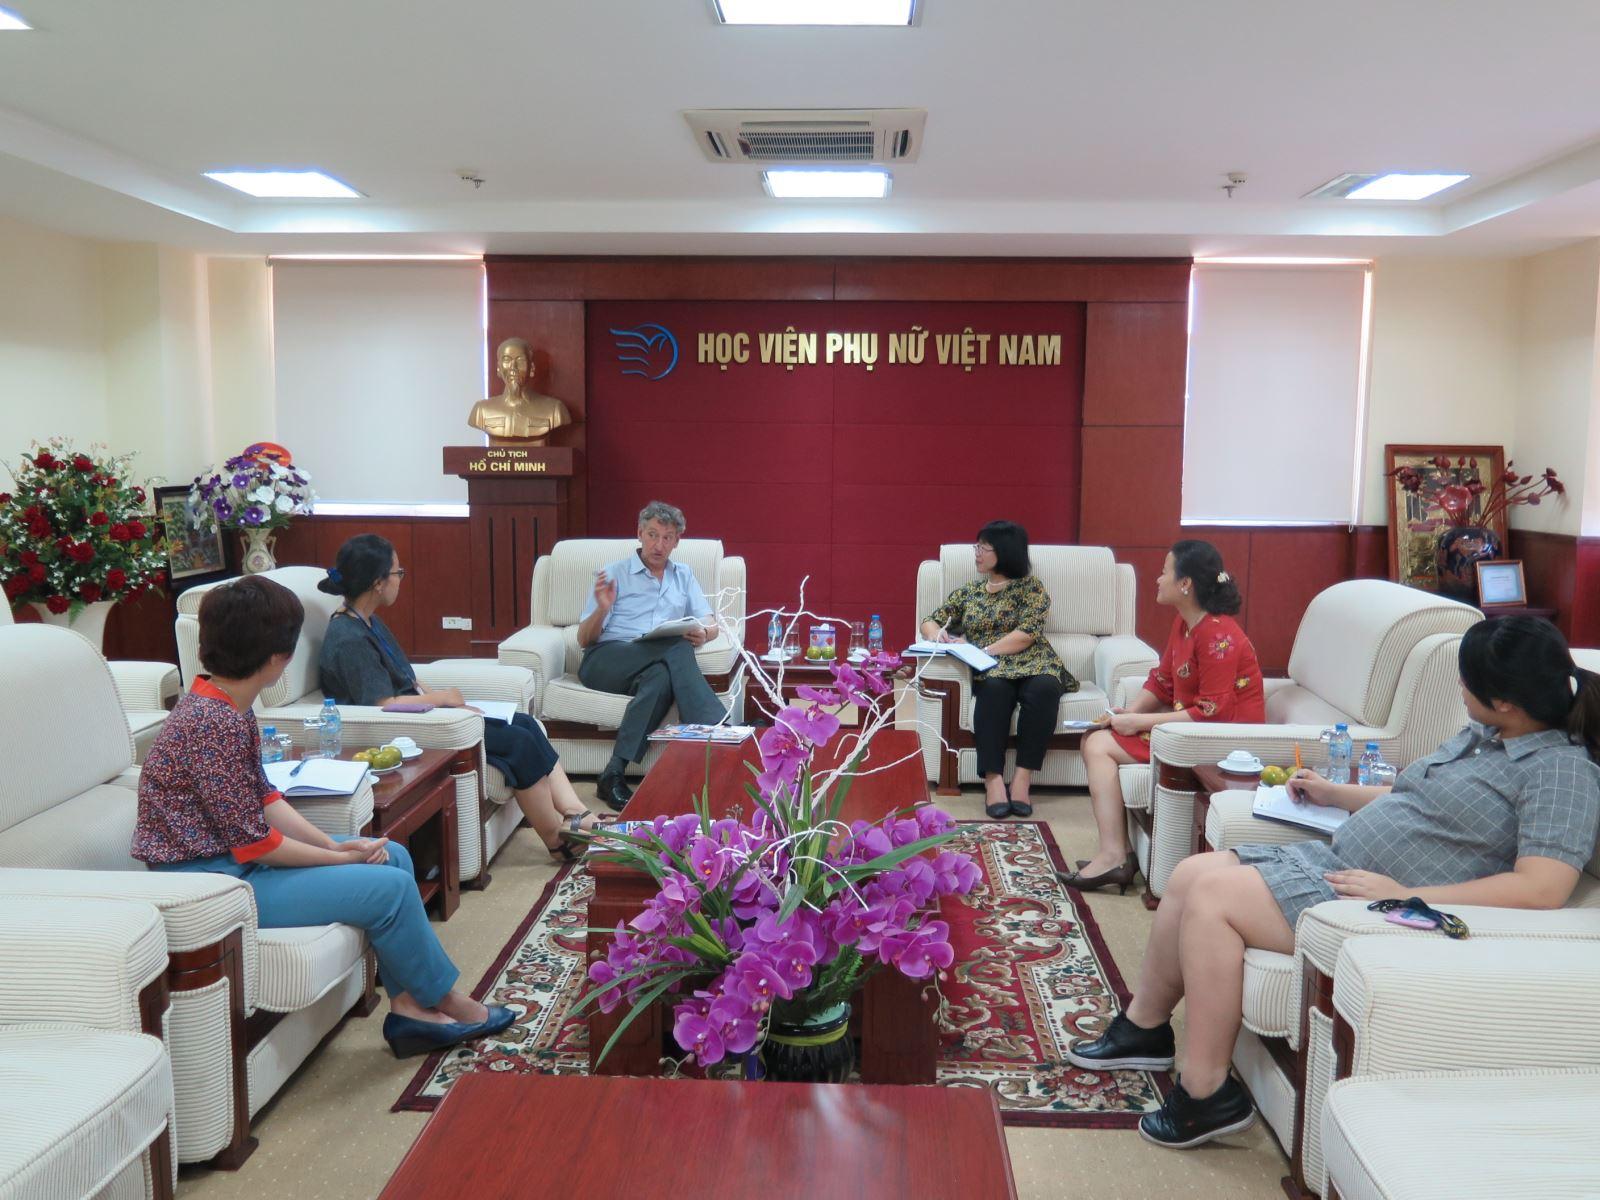 Học viện Phụ nữ Việt Nam làm việc với đại diện Viện Xã hội học Quốc tế  (ISS) thuộc Đại học Erasmus, Hà Lan